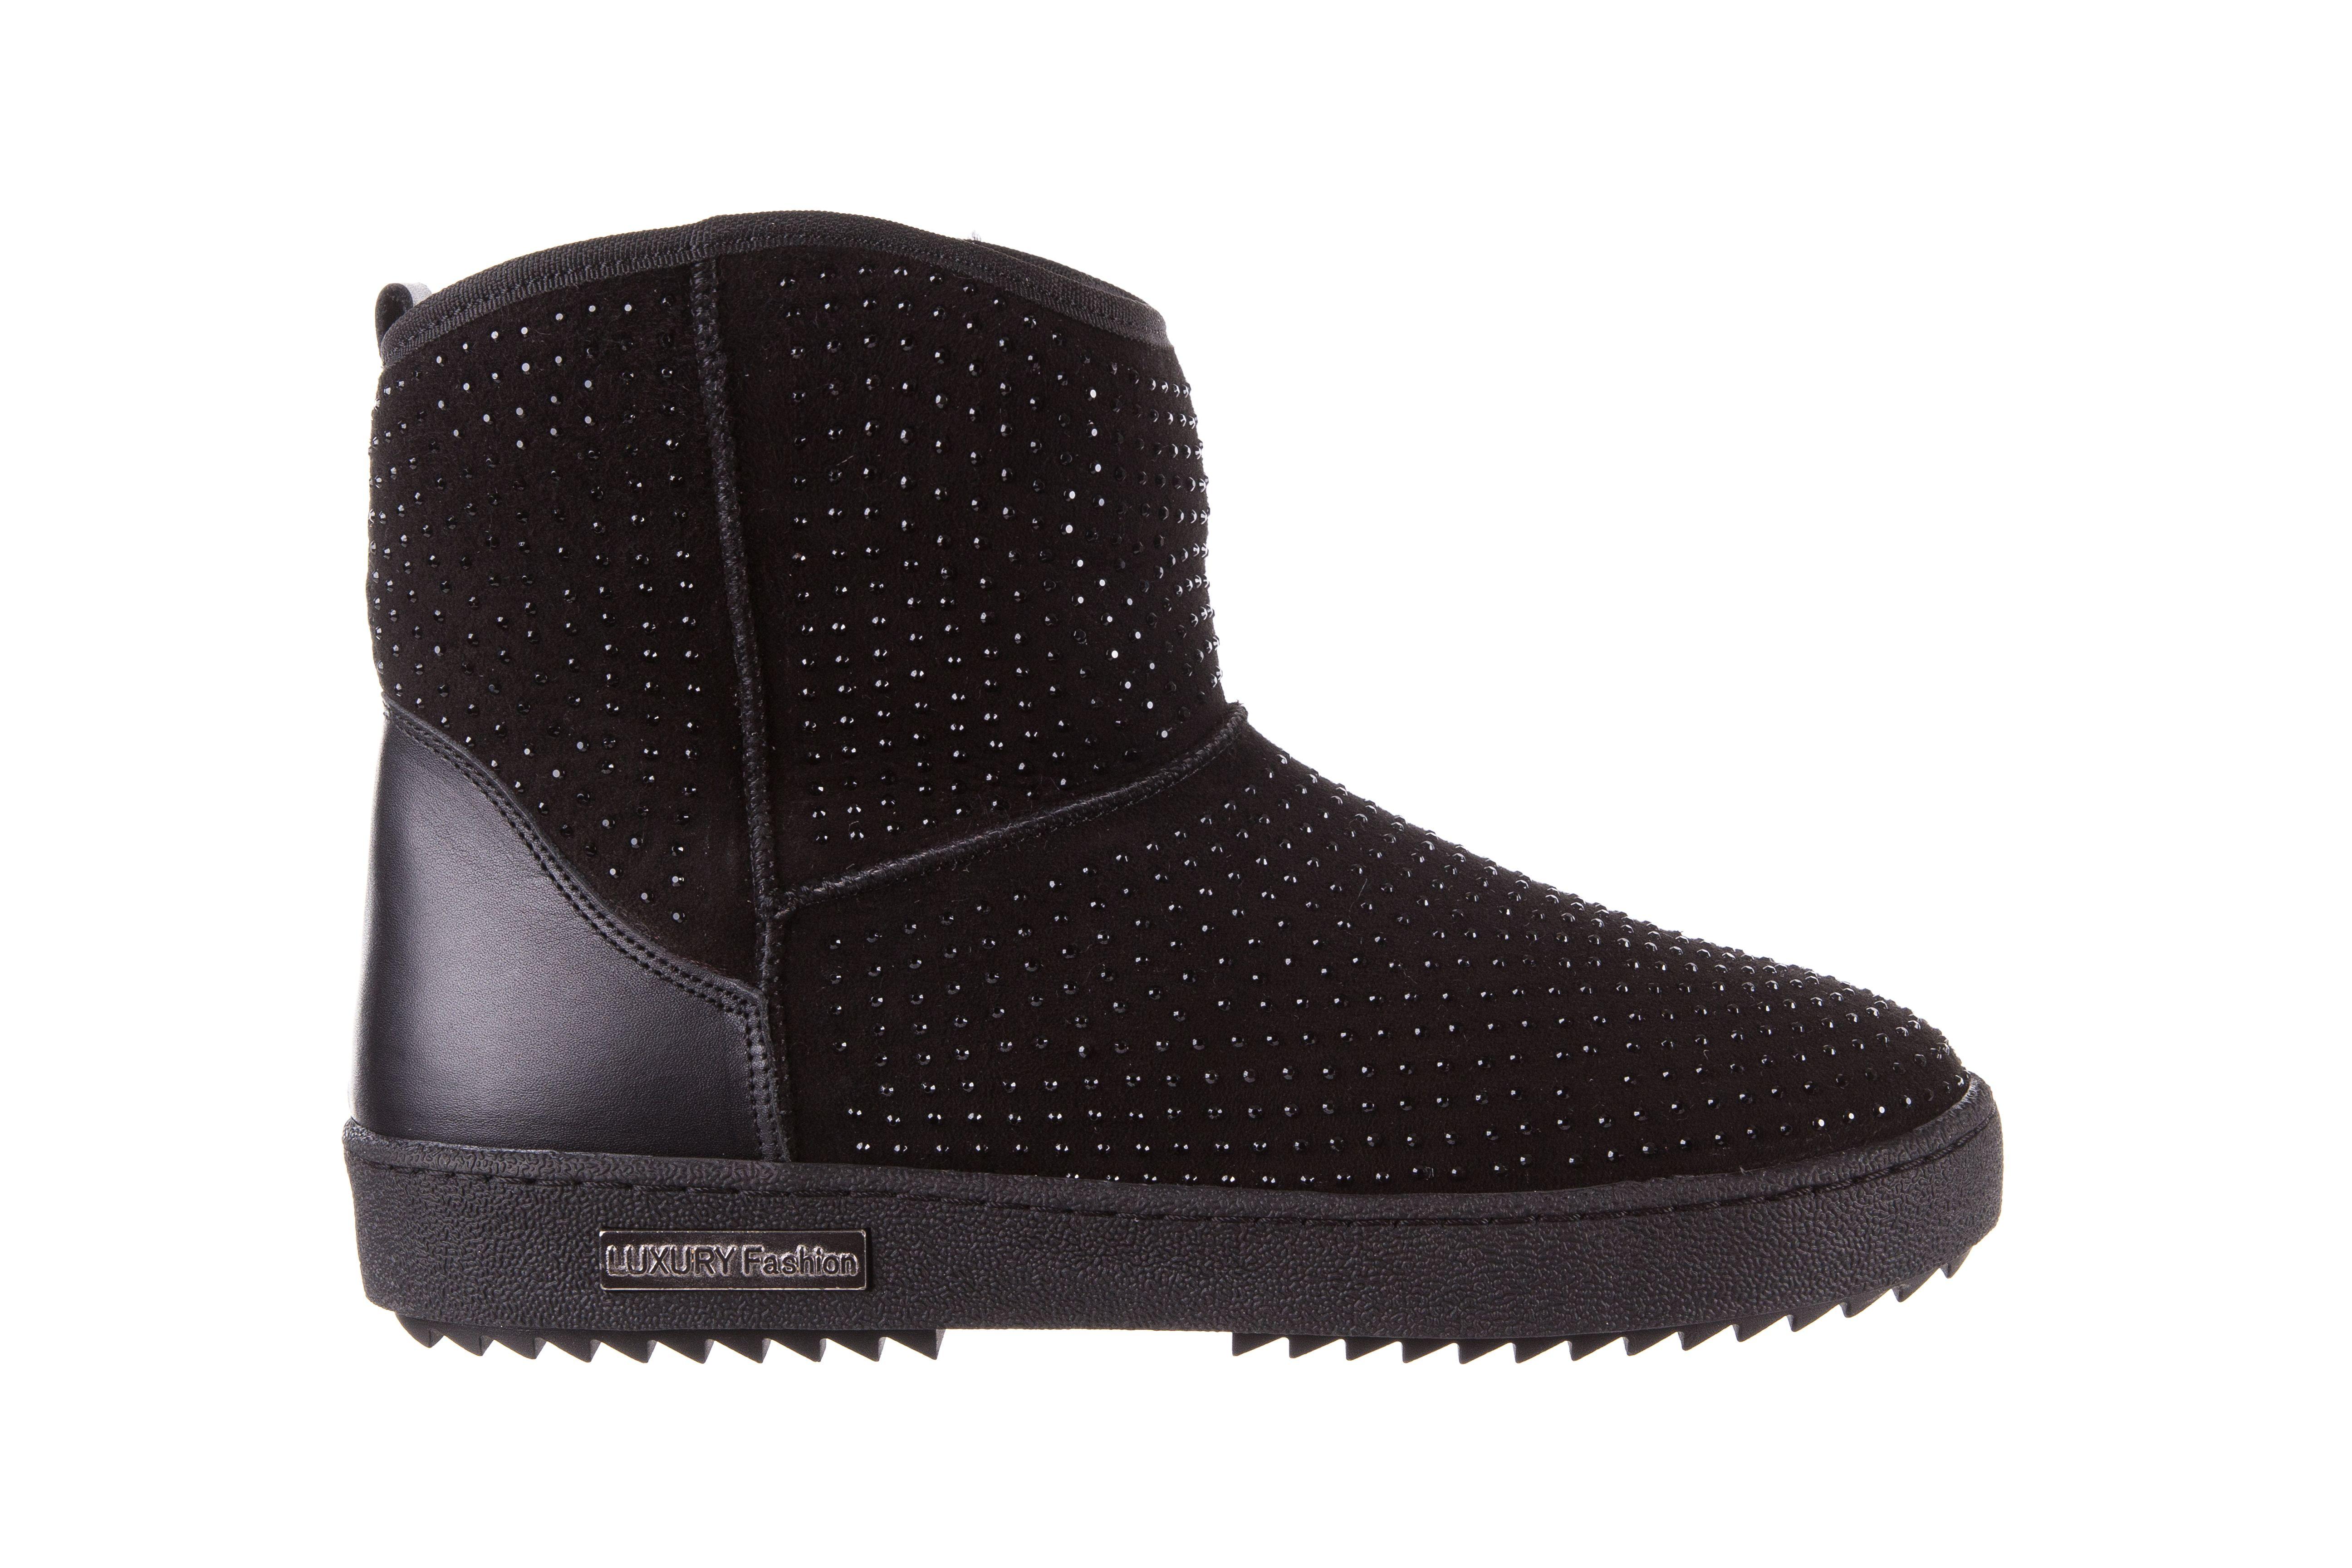 Bayla 161 7063 Czarne Sniegowce Czarne Sniegowce Z Naturalnego Kozucha Ocieplone Ozdobione Polyskujacymi Czarnymi Dzetami Antyposlizg Boots Ugg Boots Uggs